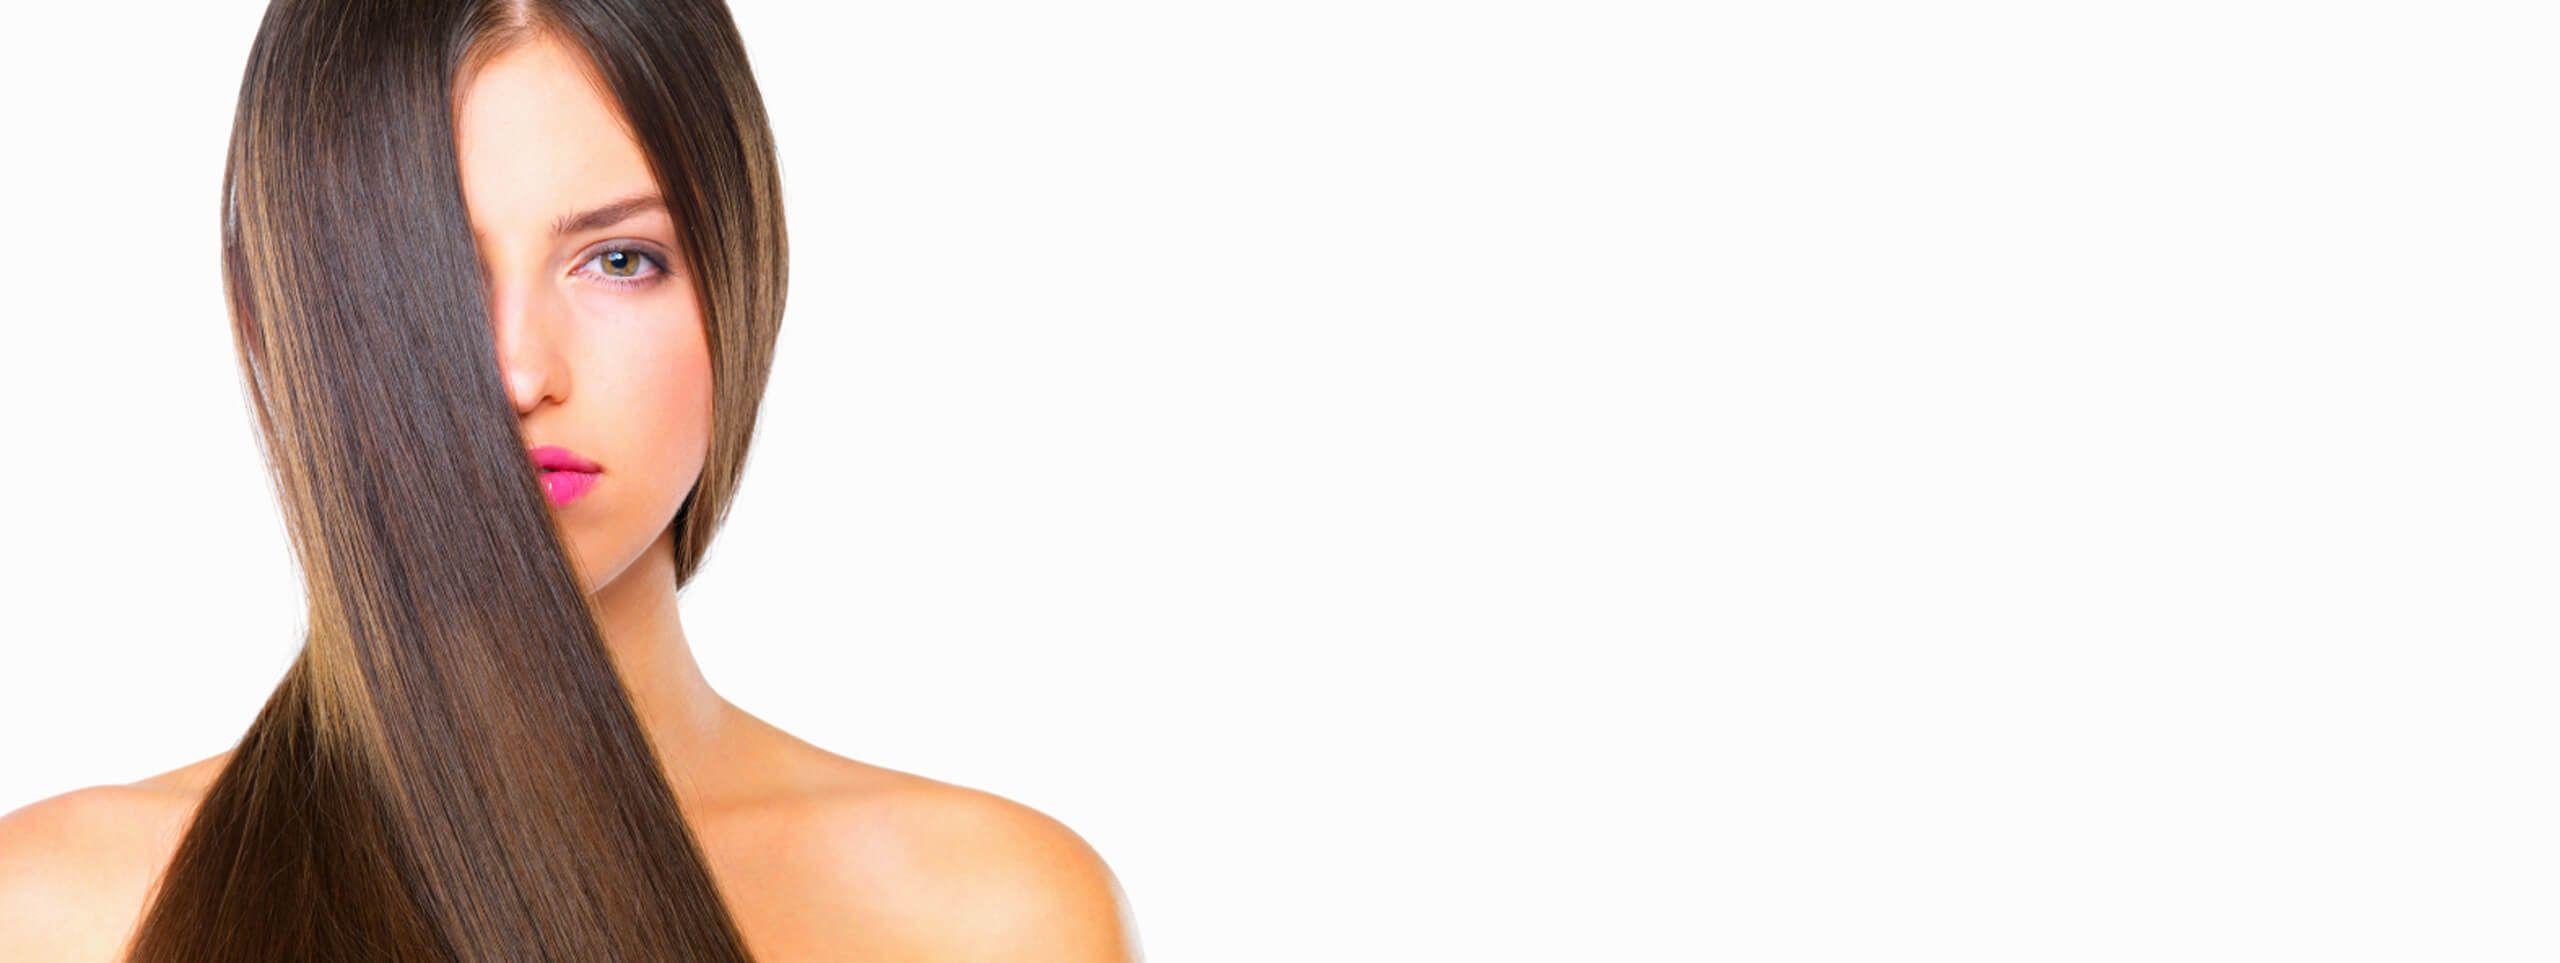 Femme cheveux longs lui cachant la moitié du visage